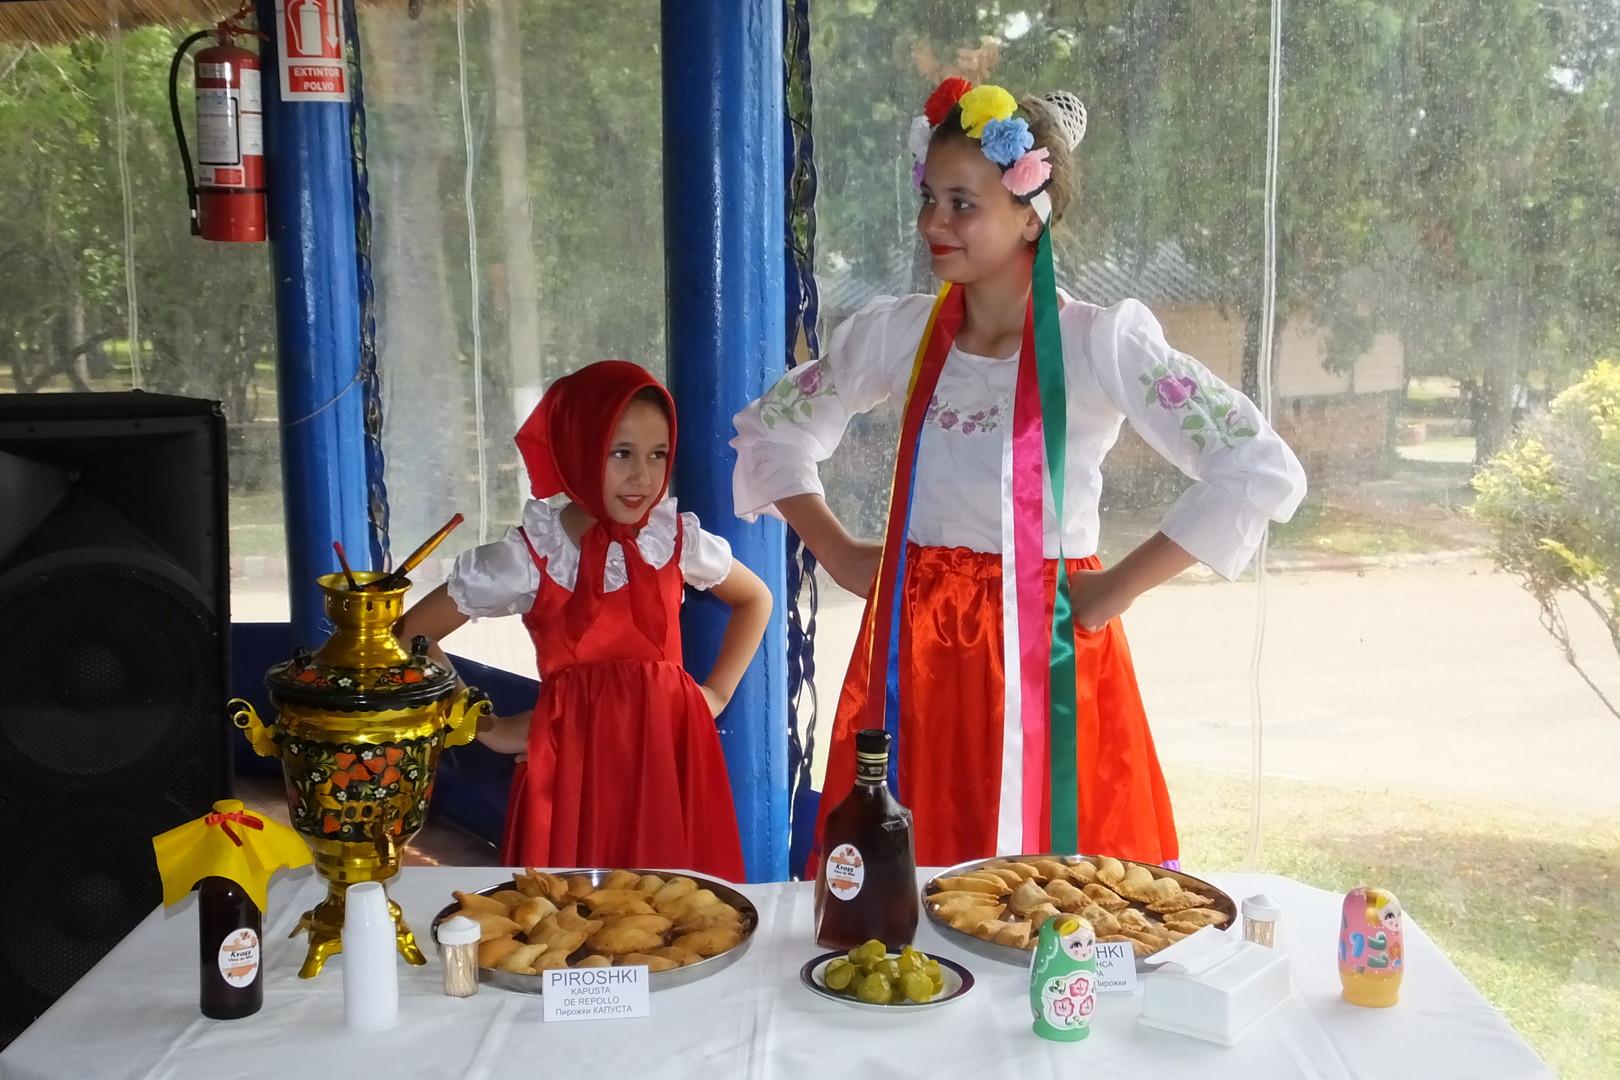 Russische Gemeinden in Südamerika: San Javier - Eine russisch-orthodoxe Kleinstadt in Uruguay